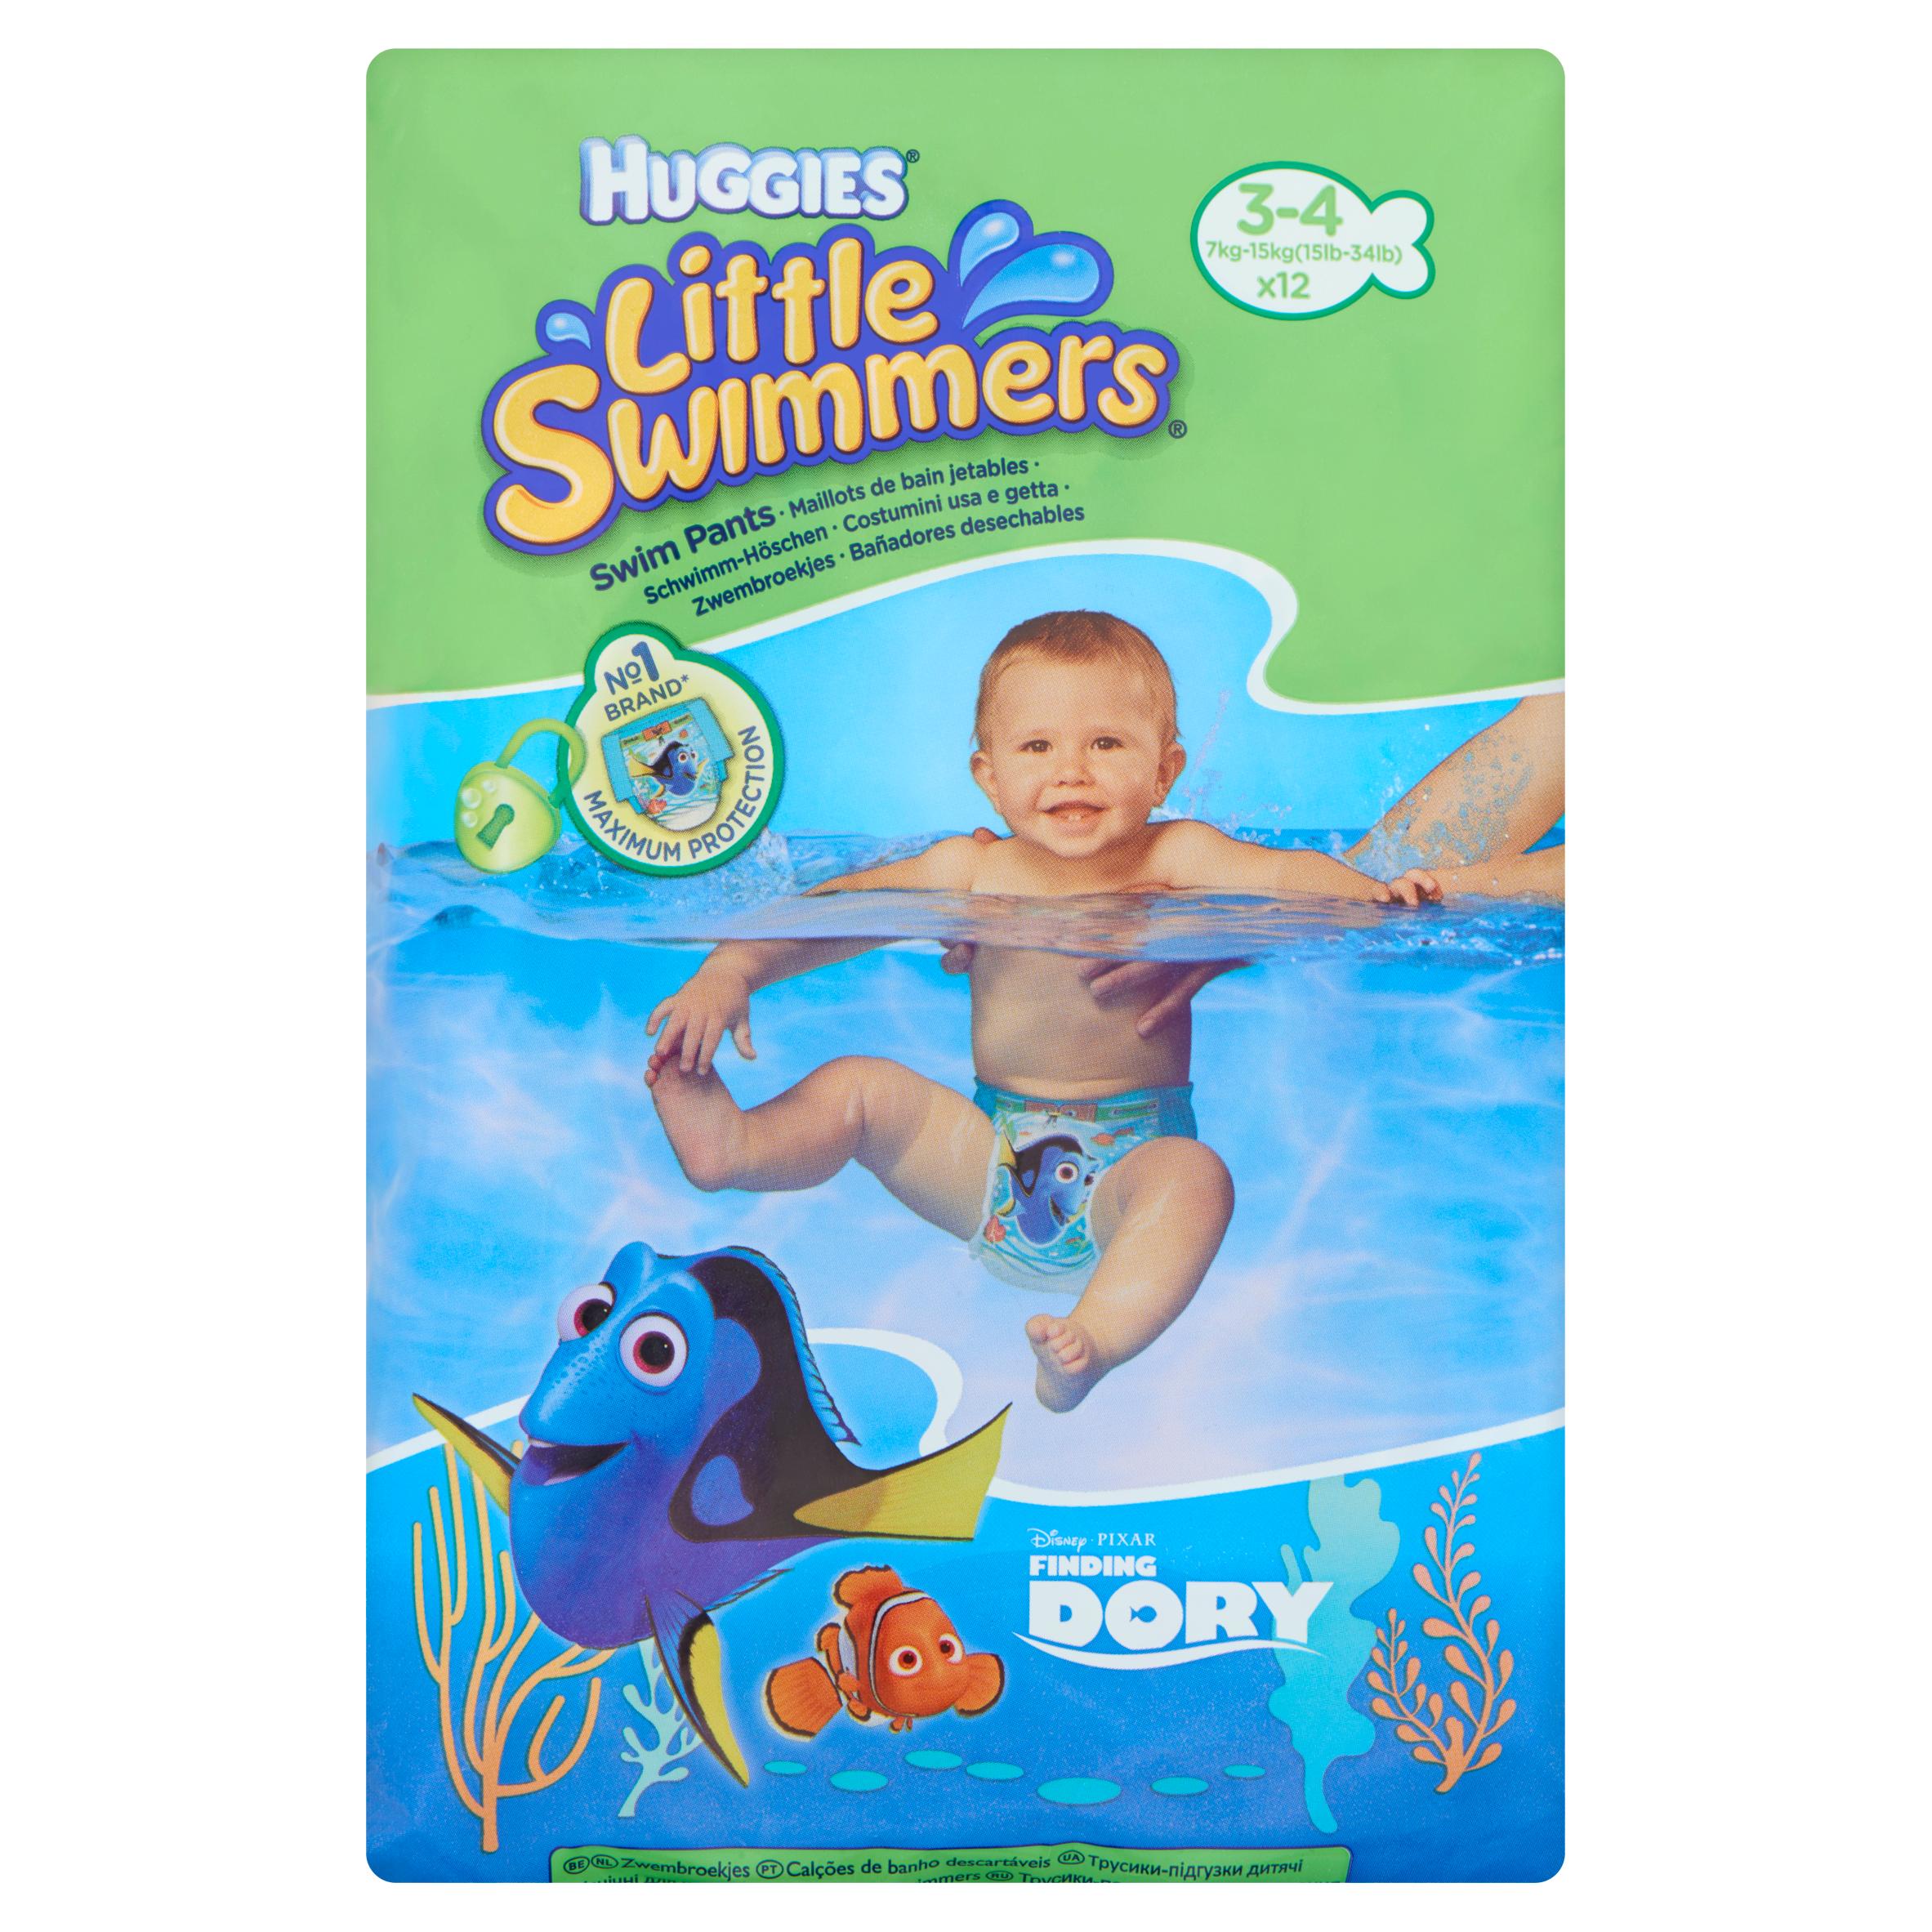 Huggies Little Swimmers Zwembroekjes 3-4 Jaar 12 Stuks